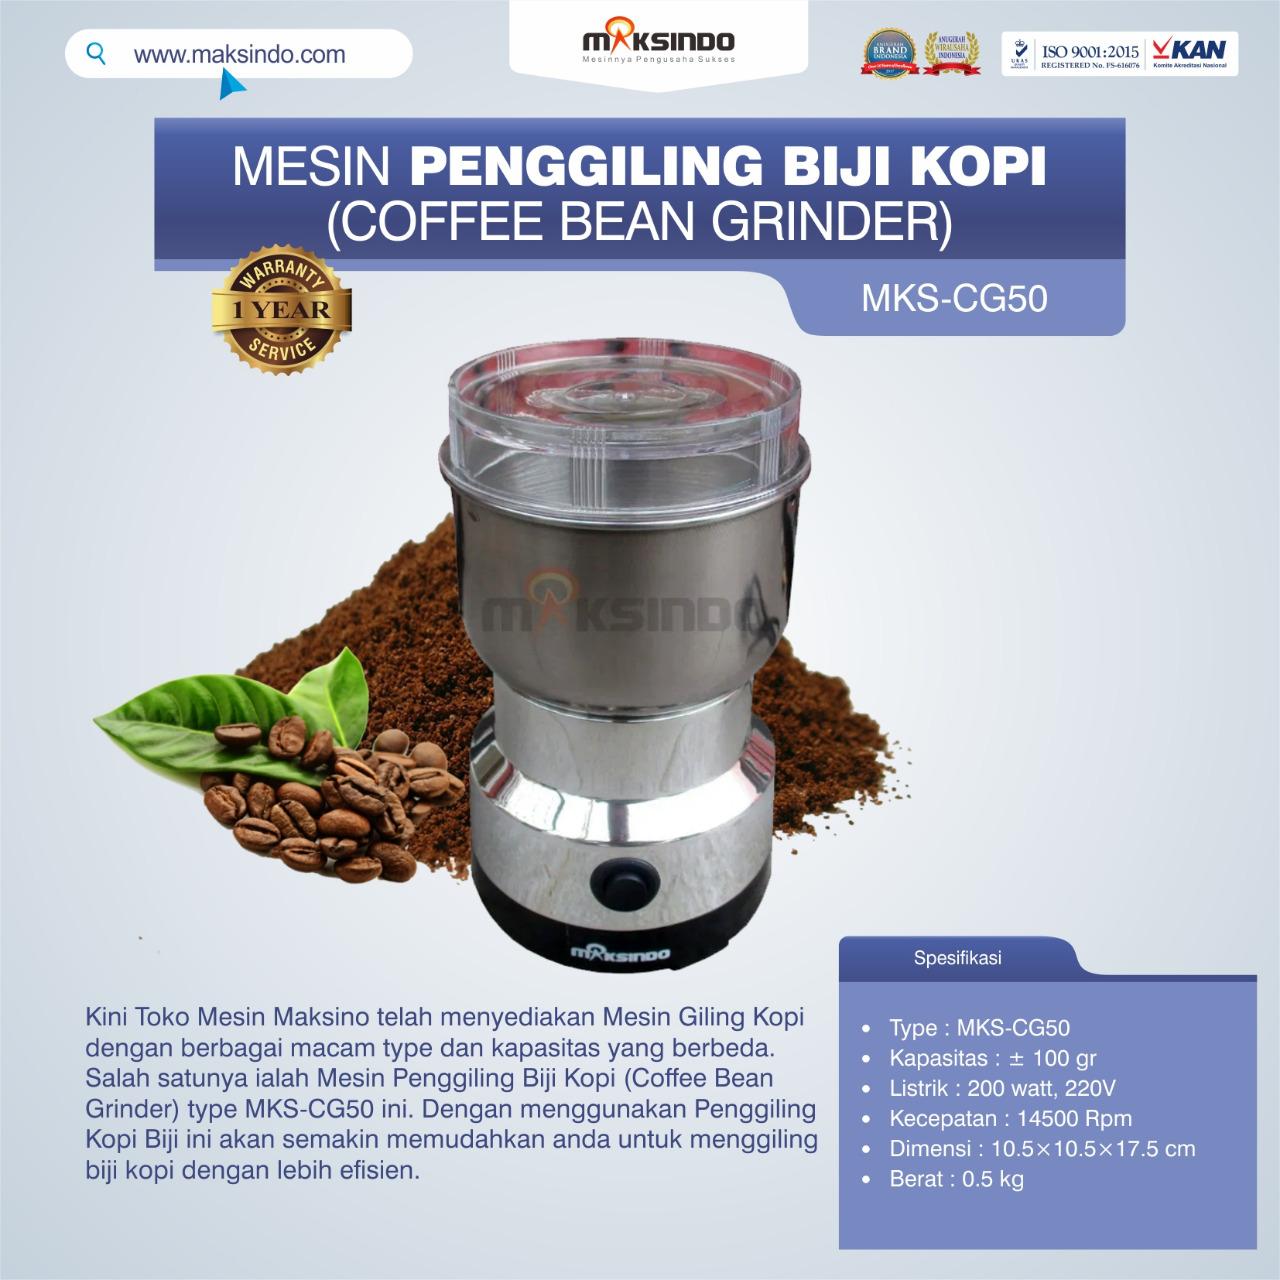 Jual Penggiling Biji Kopi (Coffee Bean Grinder) MKS-CG50 di Bekasi